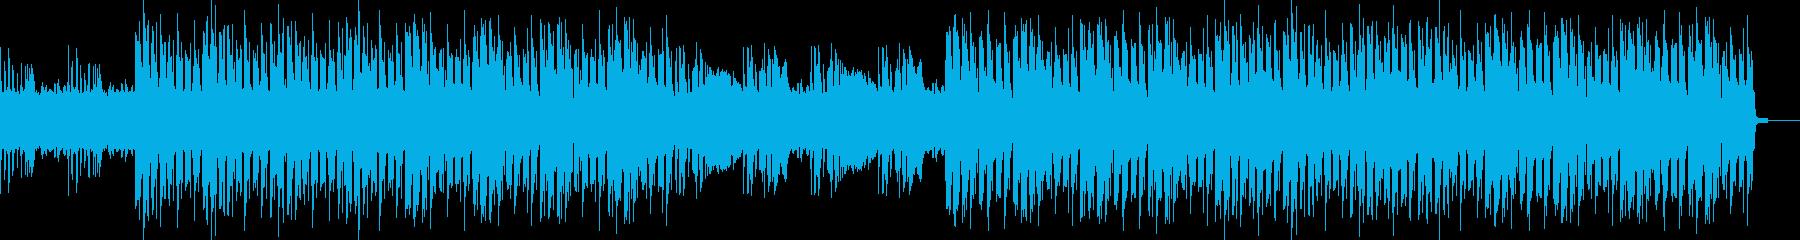 近未来的おしゃれ奇妙・ミステリアスEDMの再生済みの波形